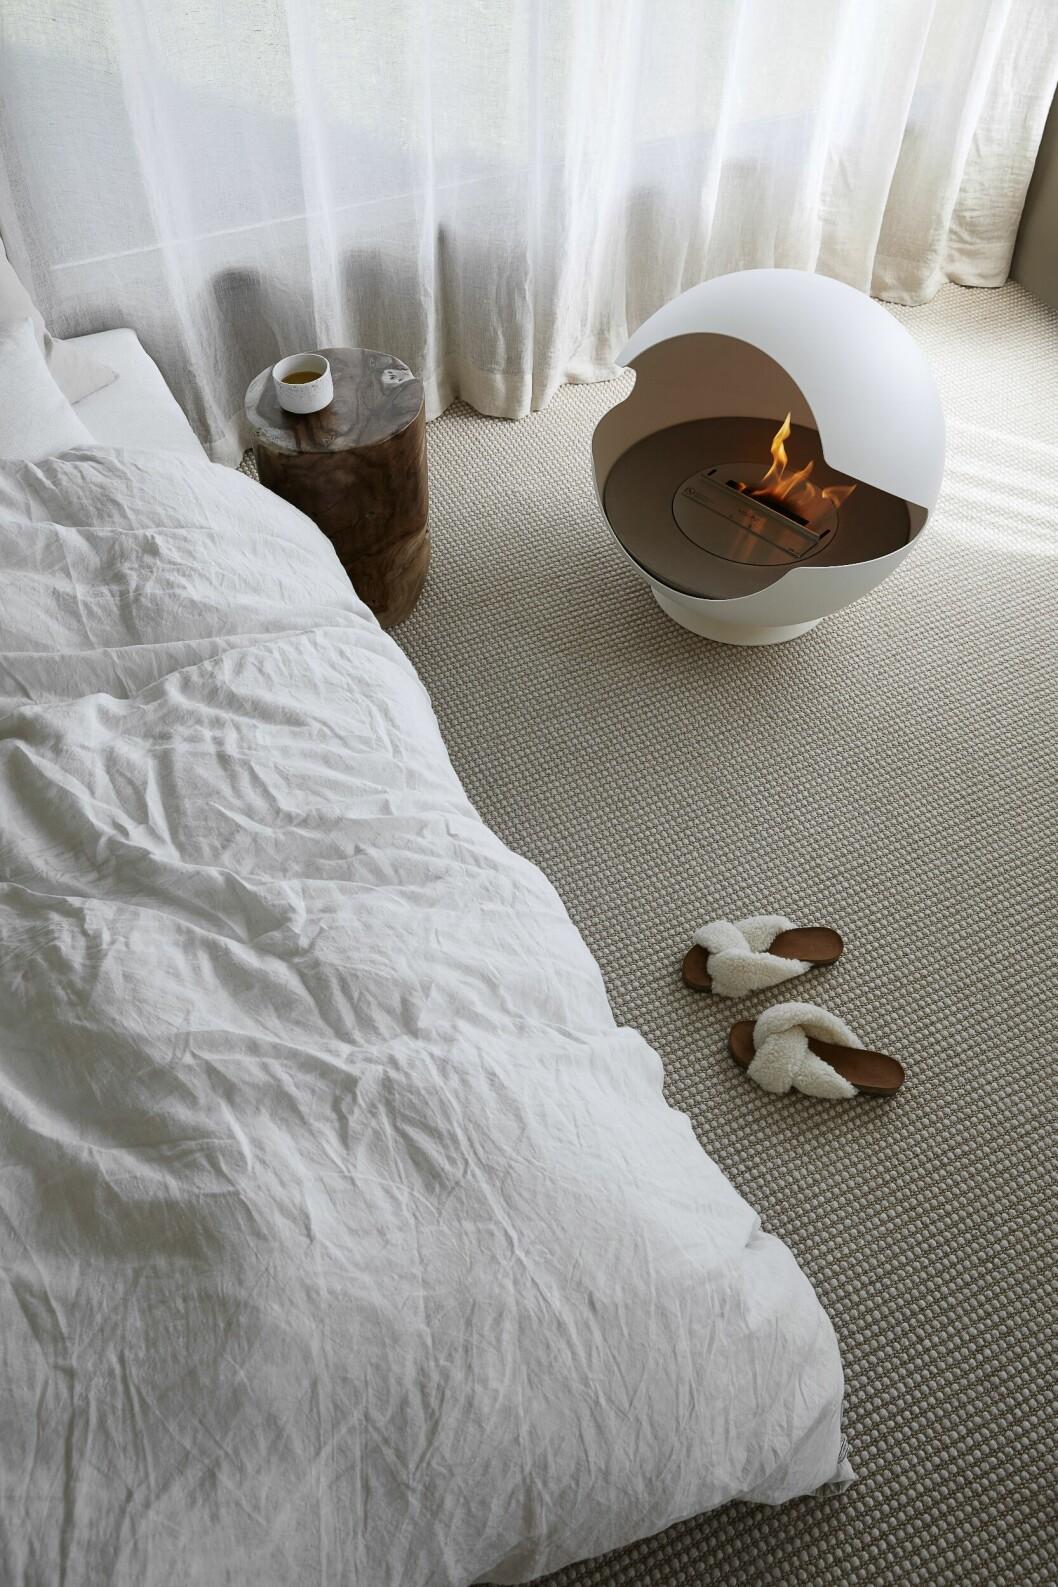 Sovrum med braskaminen Globe från Vauni. Styling av Pella Hedeby.